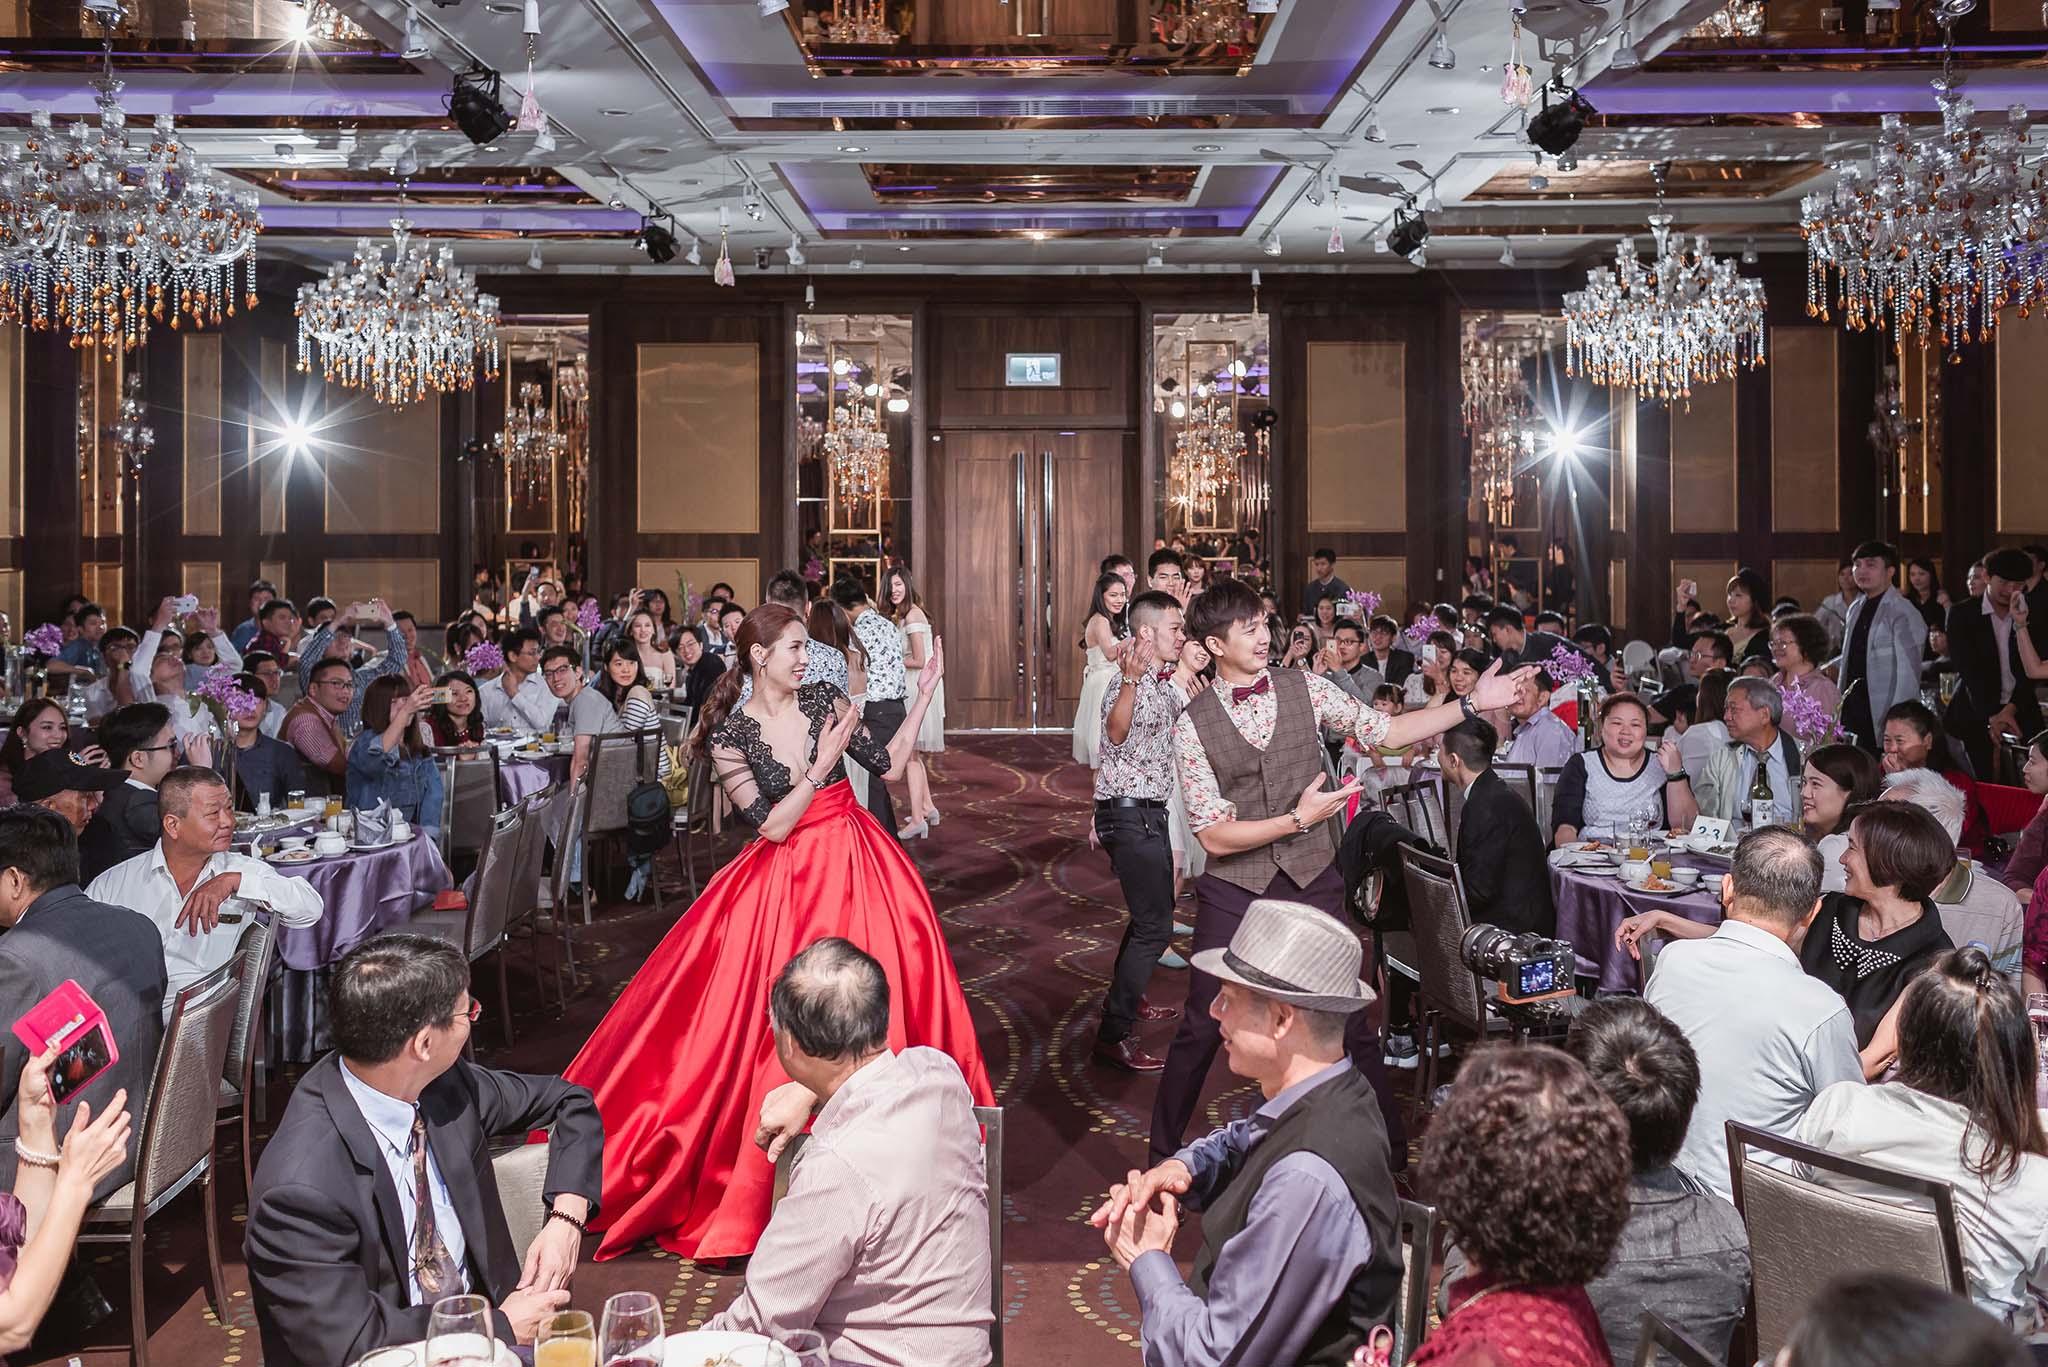 2019最新流行 婚禮歌曲 推薦【奔跑少年】推薦婚攝 婚錄 婚禮錄影